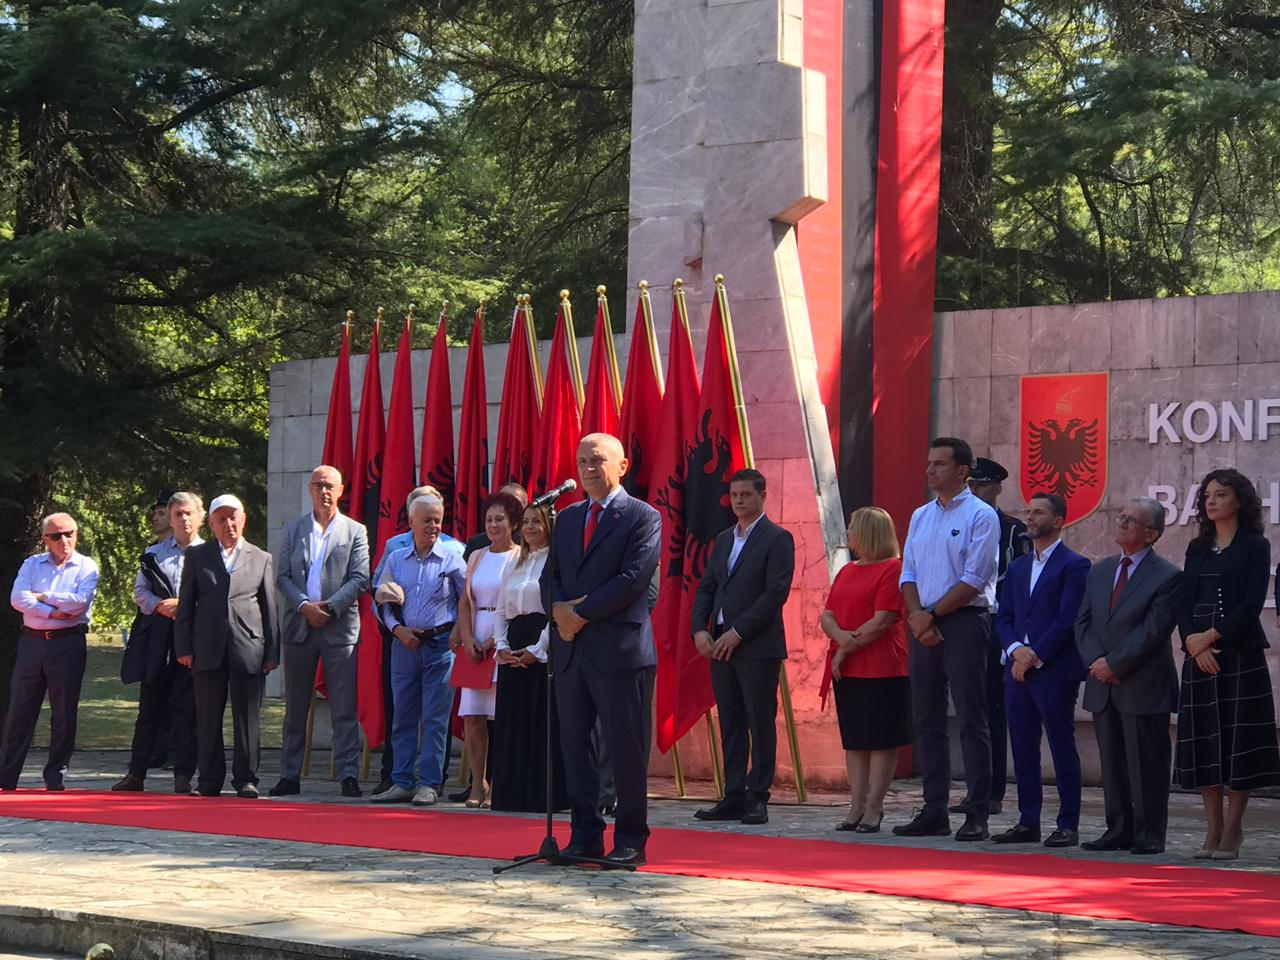 Presidenti në Pezë: Të lemë interesat afatshkurtëra dhe të bashkohemi për Kombin